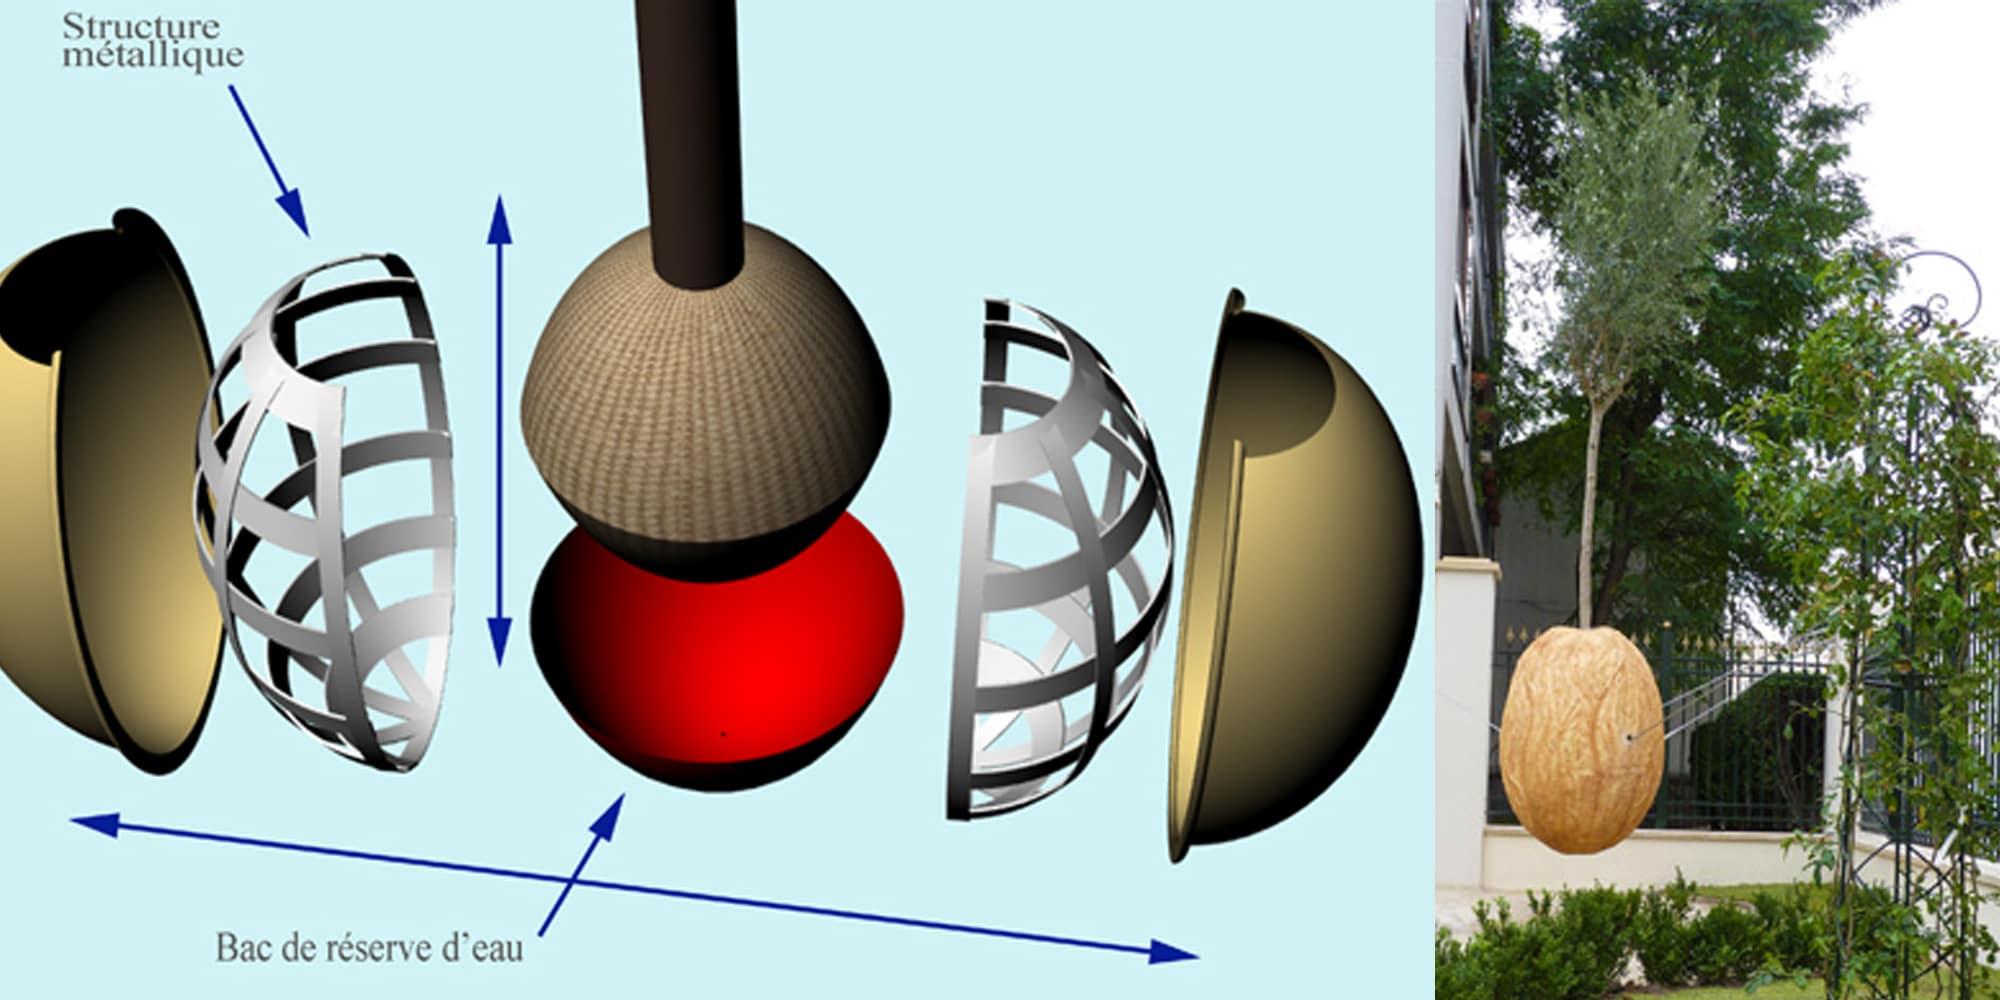 structure métallique et croquis de la sculpture végétale pour extérieur de graine d'arbre suspendue